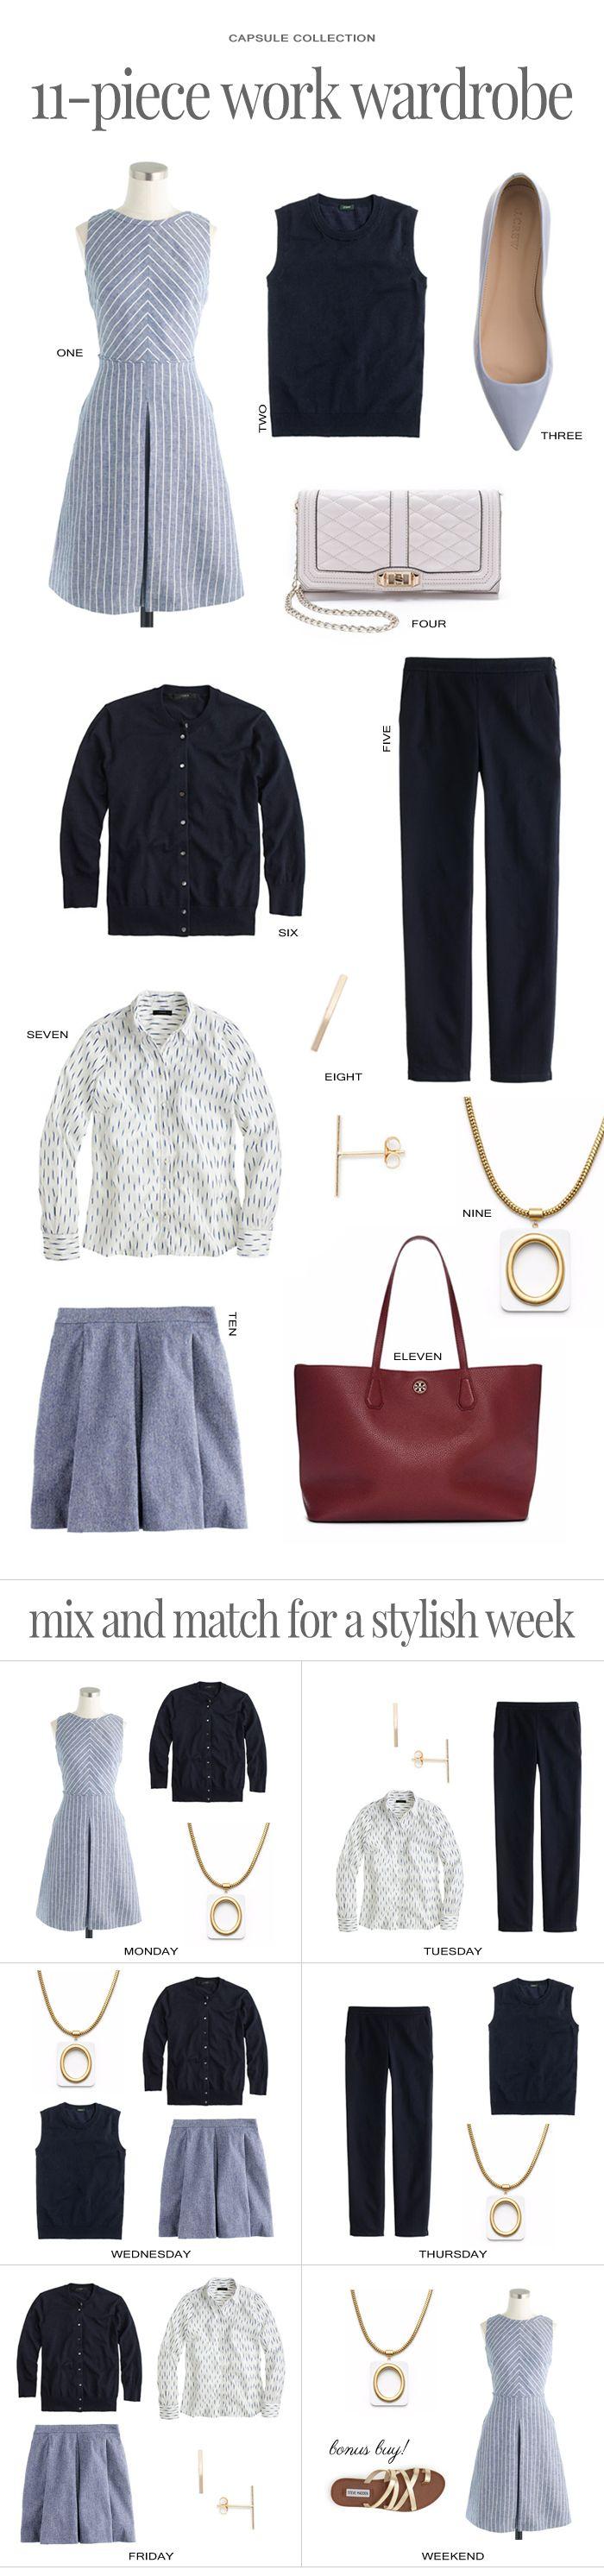 Best 25 Work wardrobe essentials ideas on Pinterest